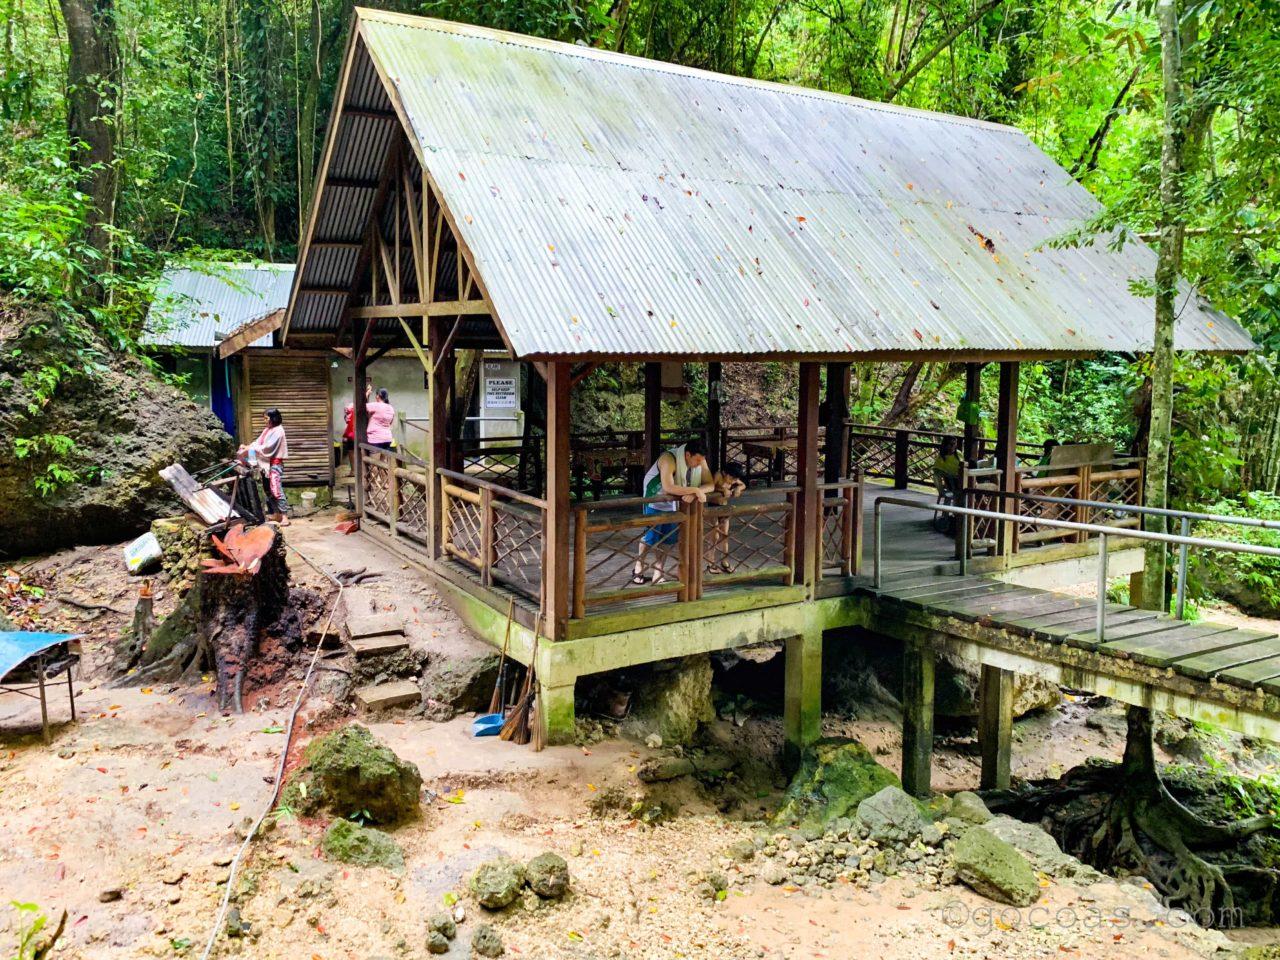 ツマログの滝休憩所